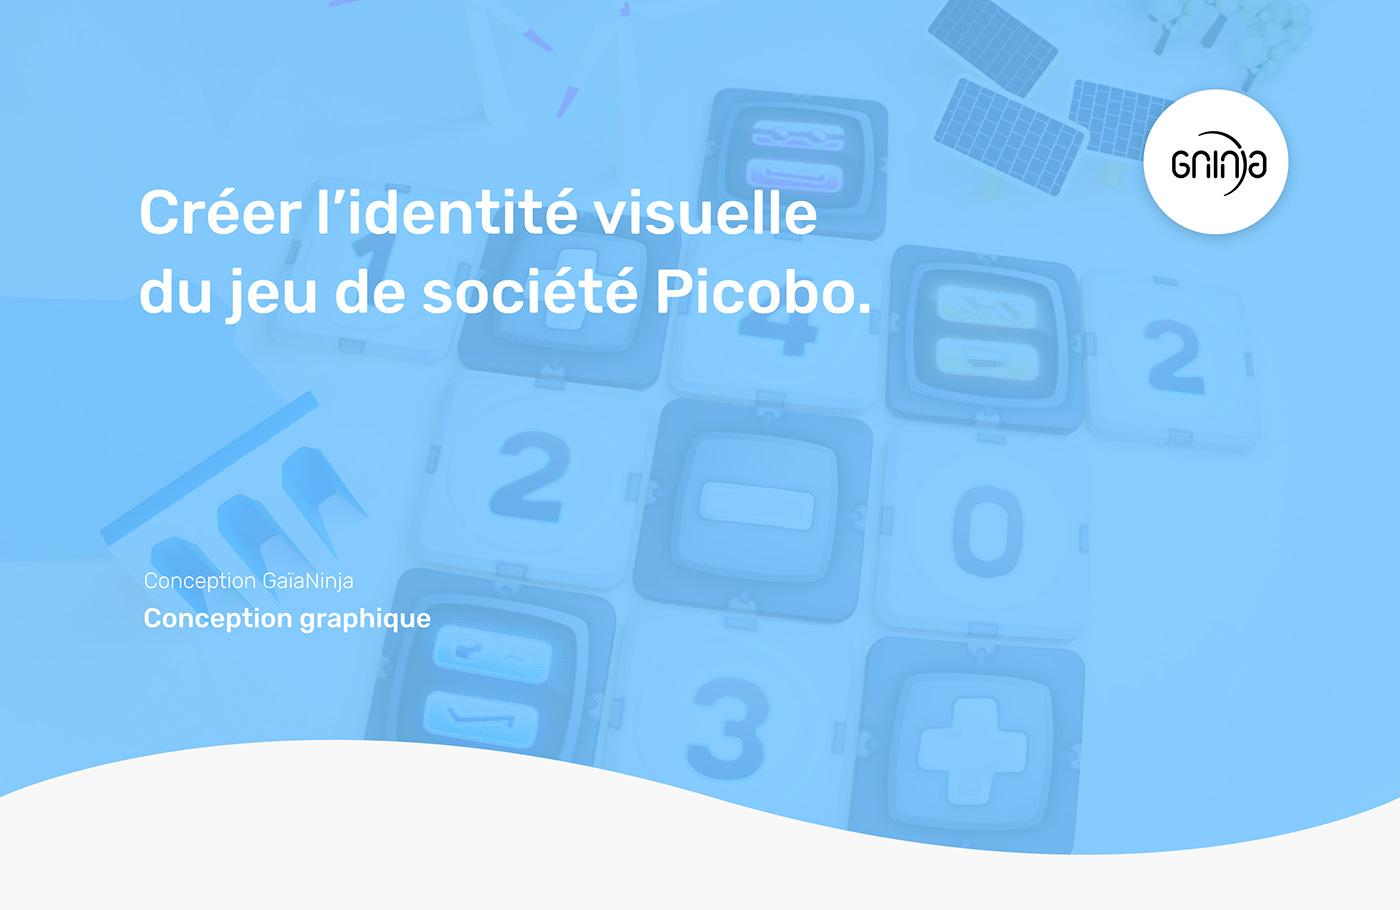 Identité visuelle du jeu de société Picobo.